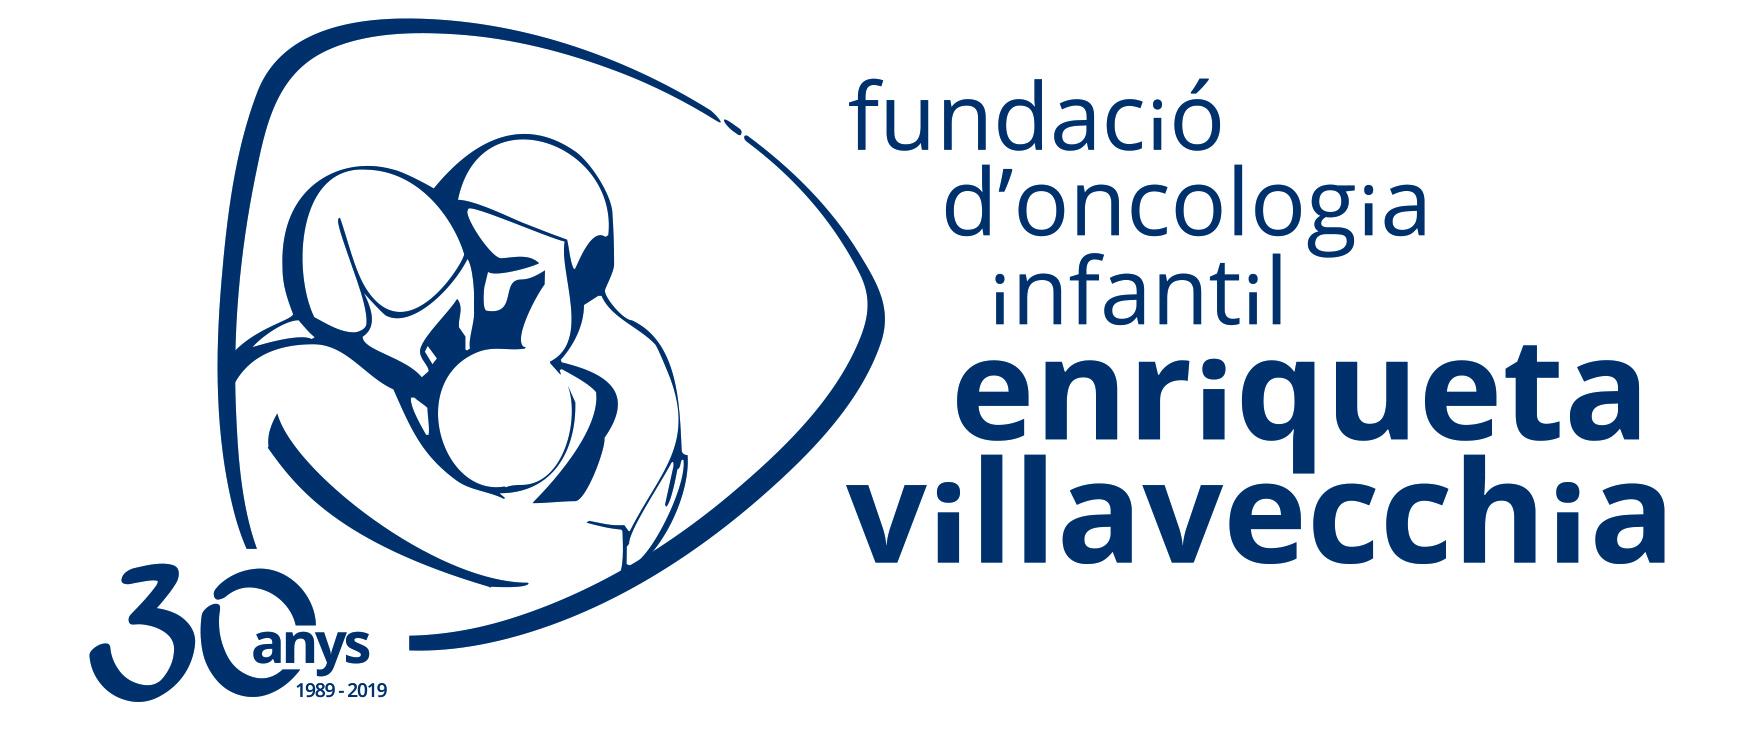 empresa colaboradora de la fundacion enriqueta vilavecchia - RSC, mucho más que un concepto, una obligación moral